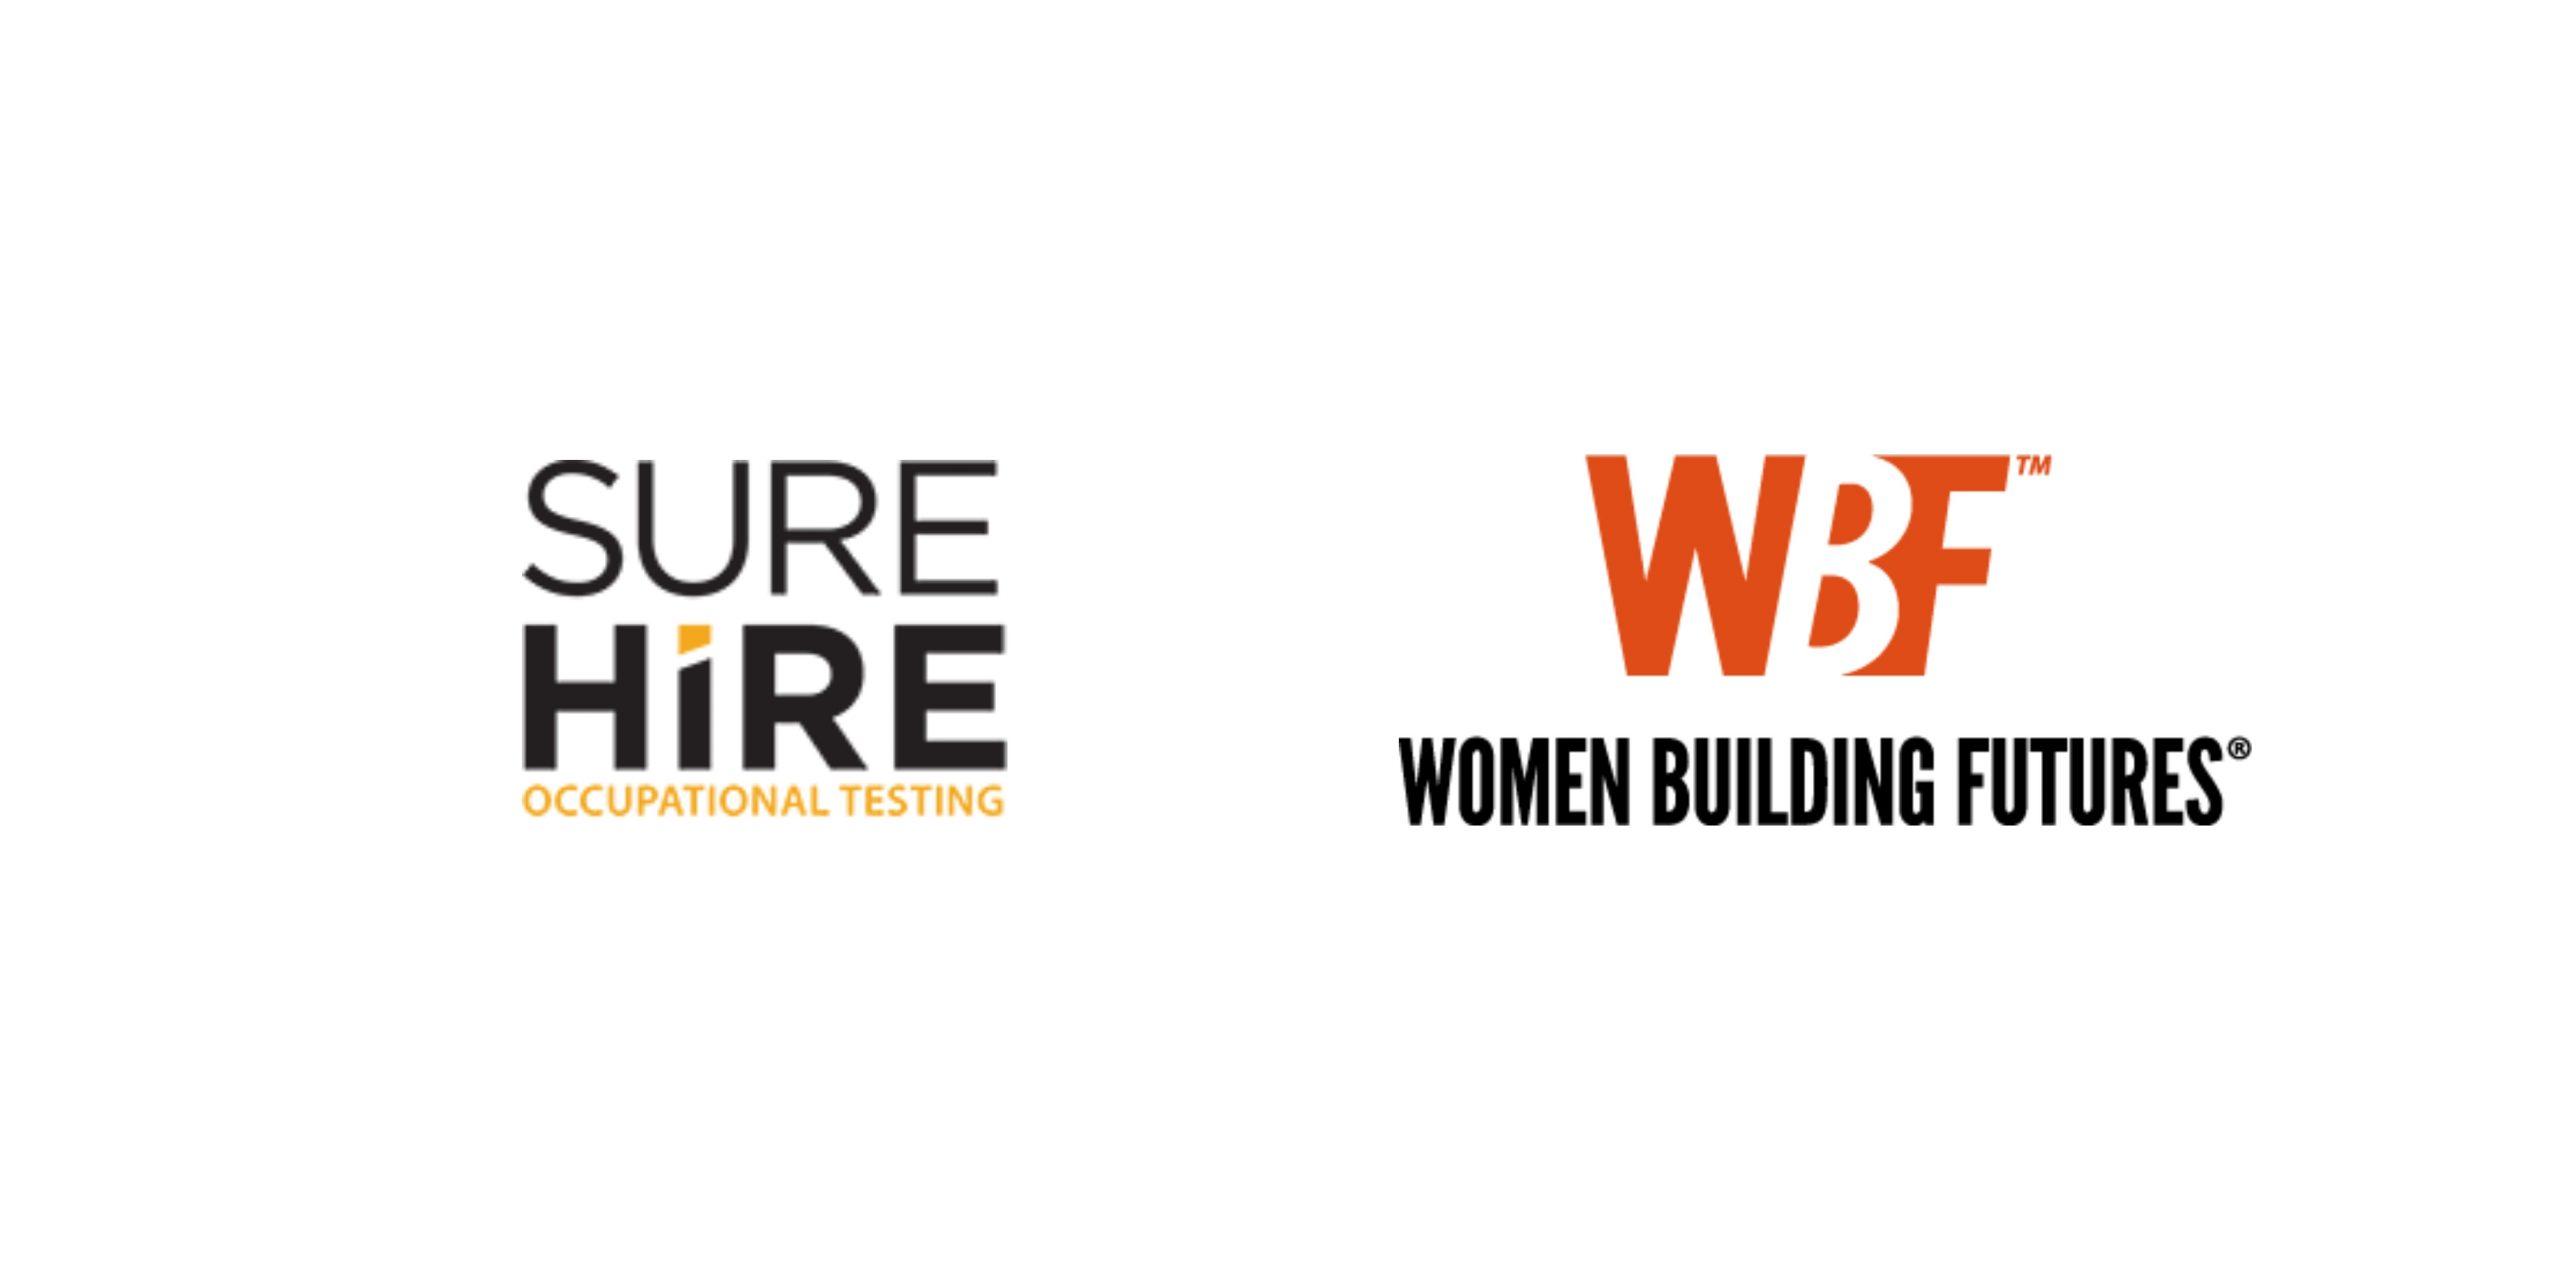 WBF + Sure Hire Logos